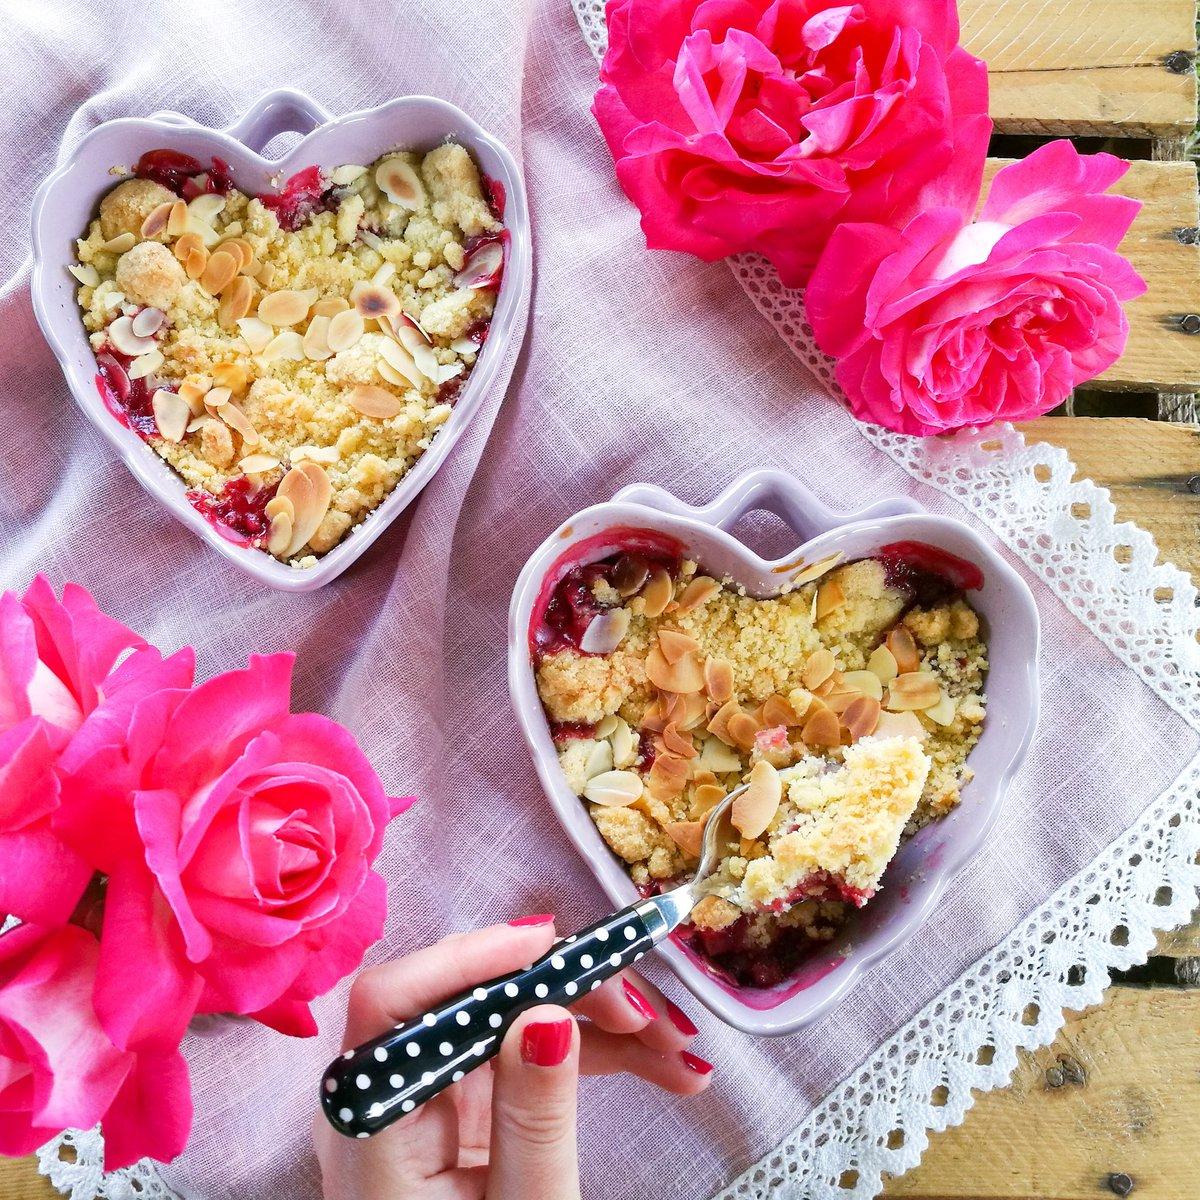 Mes crumbles aux fruits rouges du jardin ❤ Bel après-midi à toutes et à tous 😚 #recette #gastronomie #angers #blogger https://t.co/4IFahC0TRu